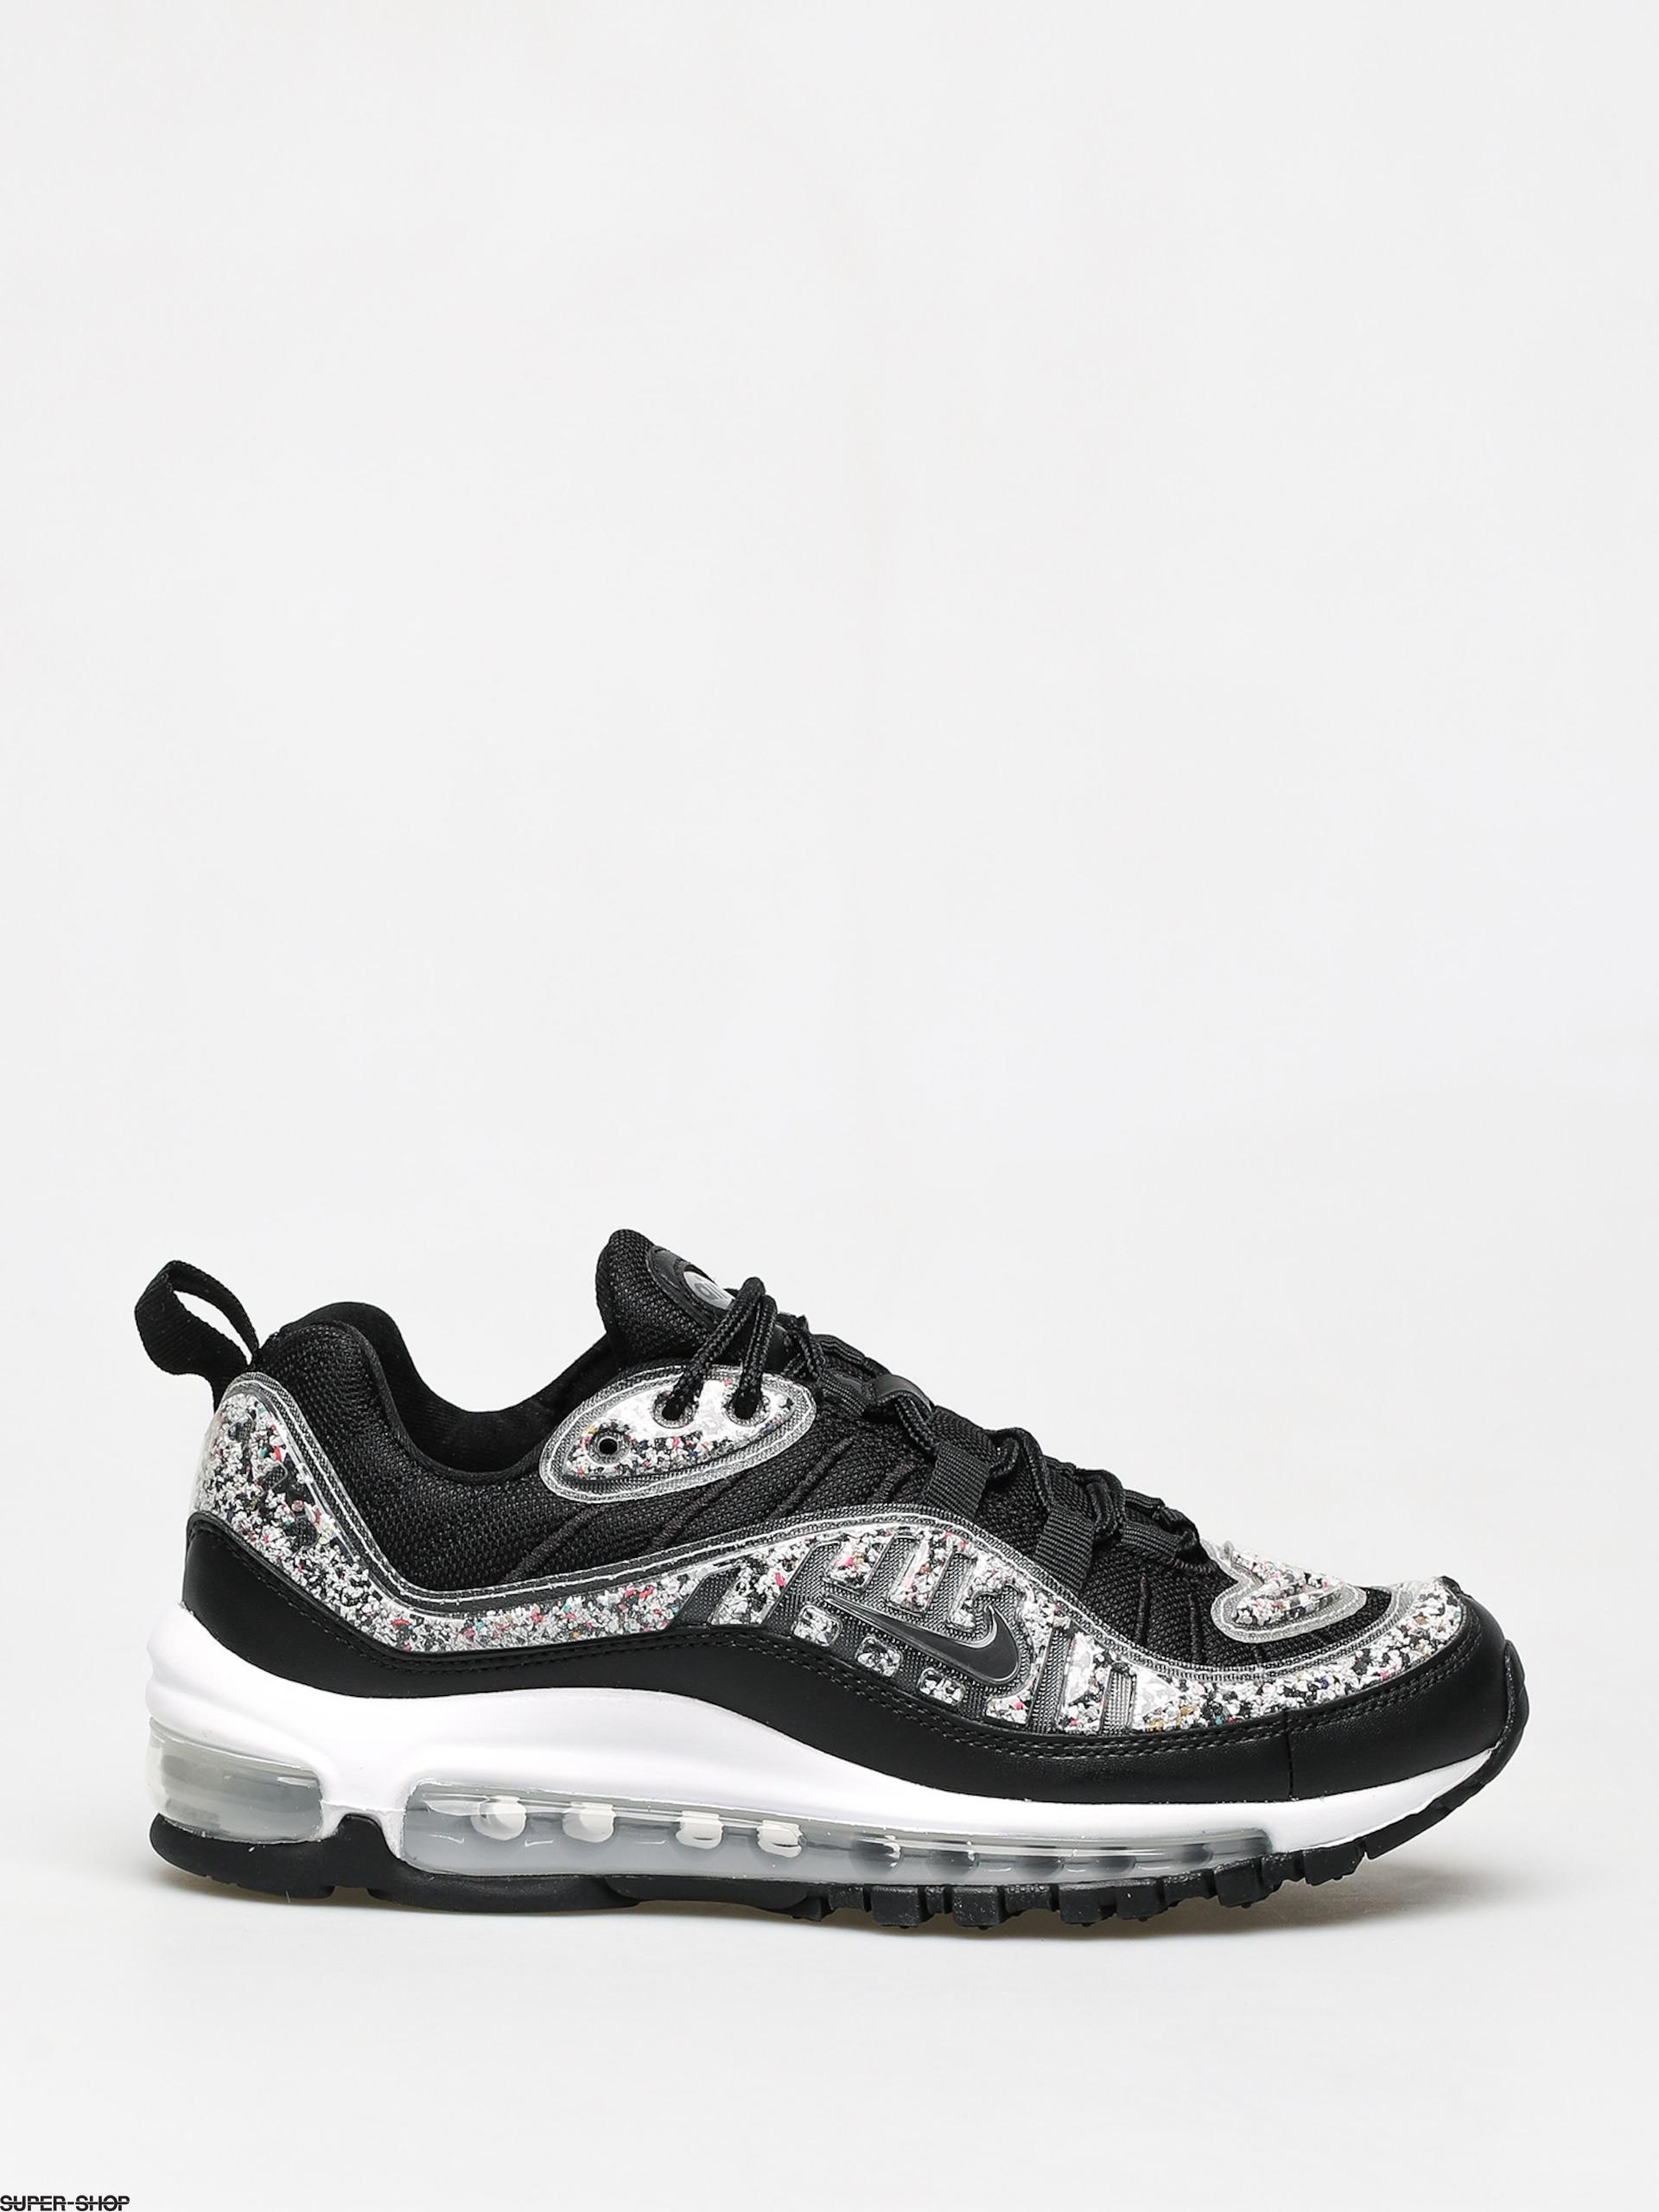 Nike Air Max 98 Lx Wmn Shoes (blackblack white)